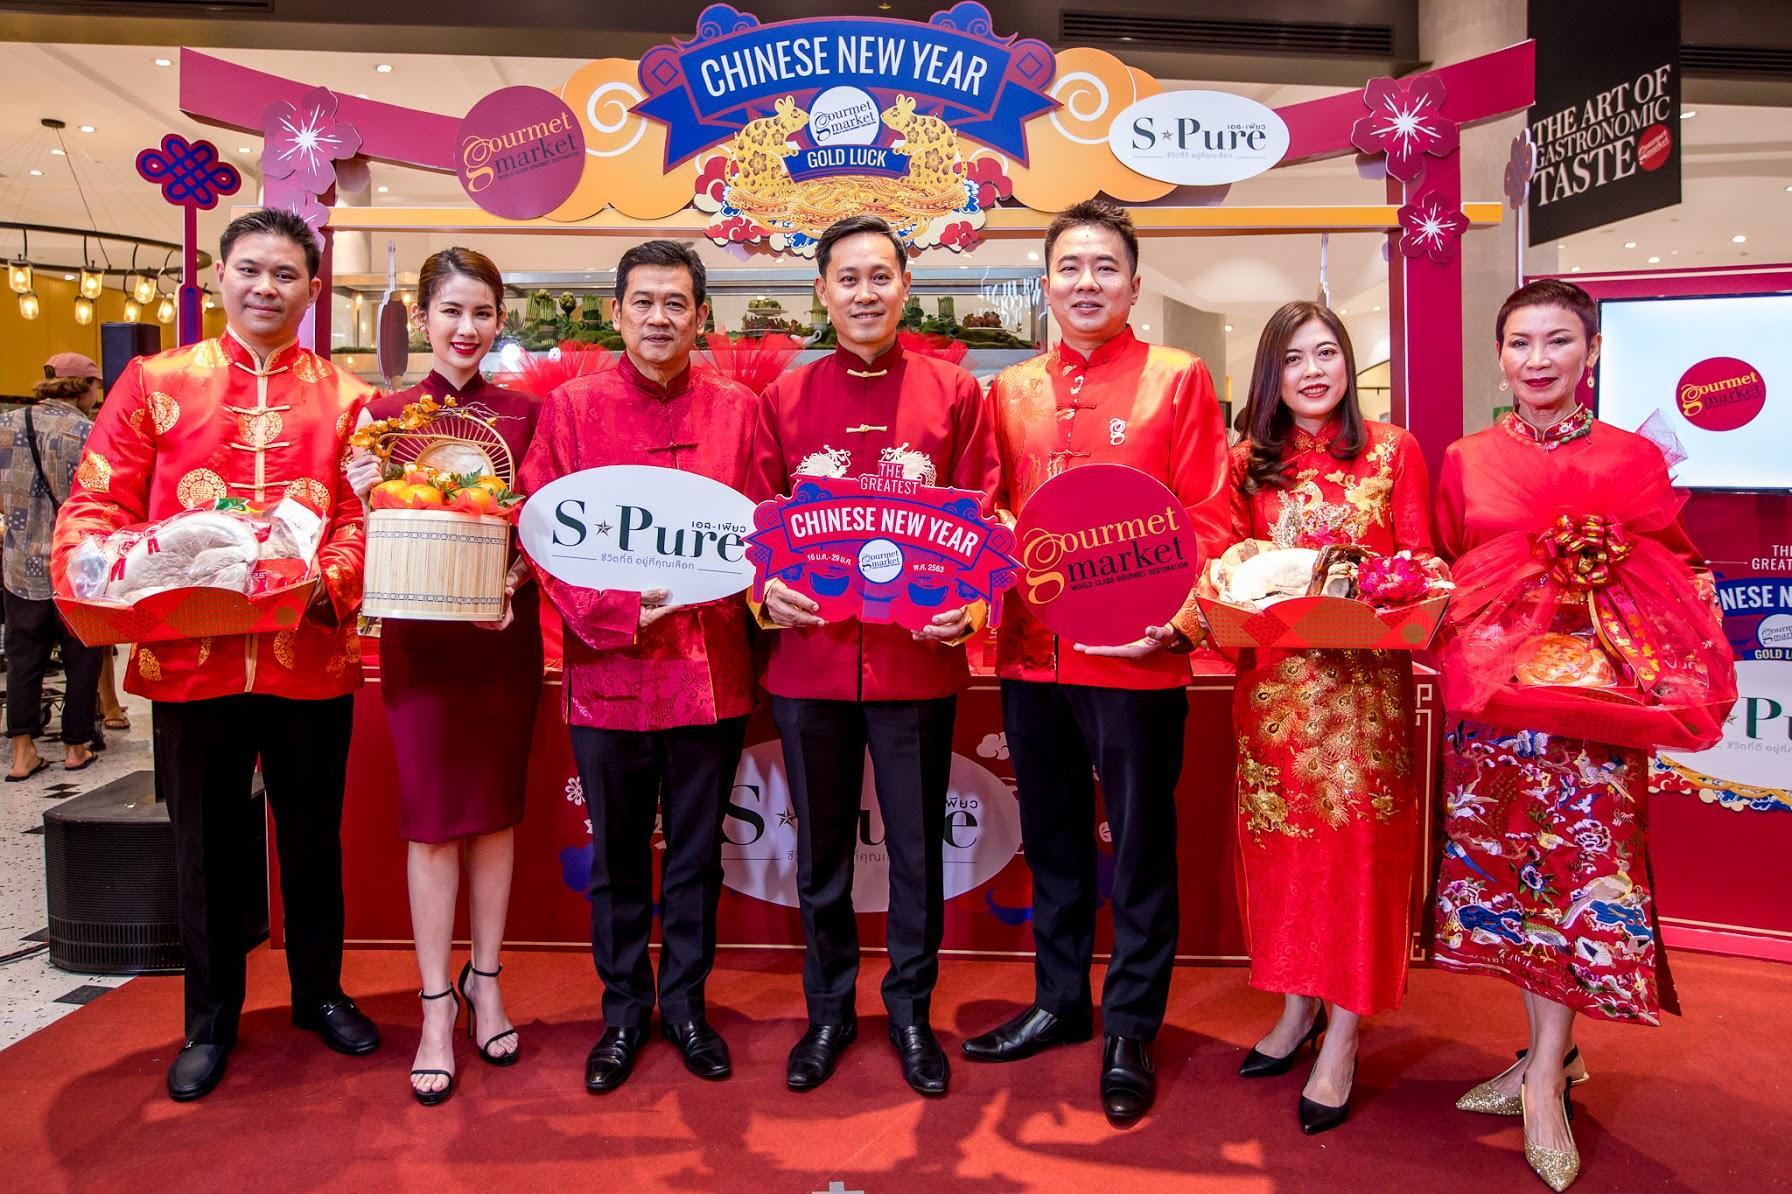 เครือเบทาโกร เปิดตัวชุดไหว้ซาแซสมบูรณ์พูนสุข S-Pure ในเทศกาลตรุษจีน